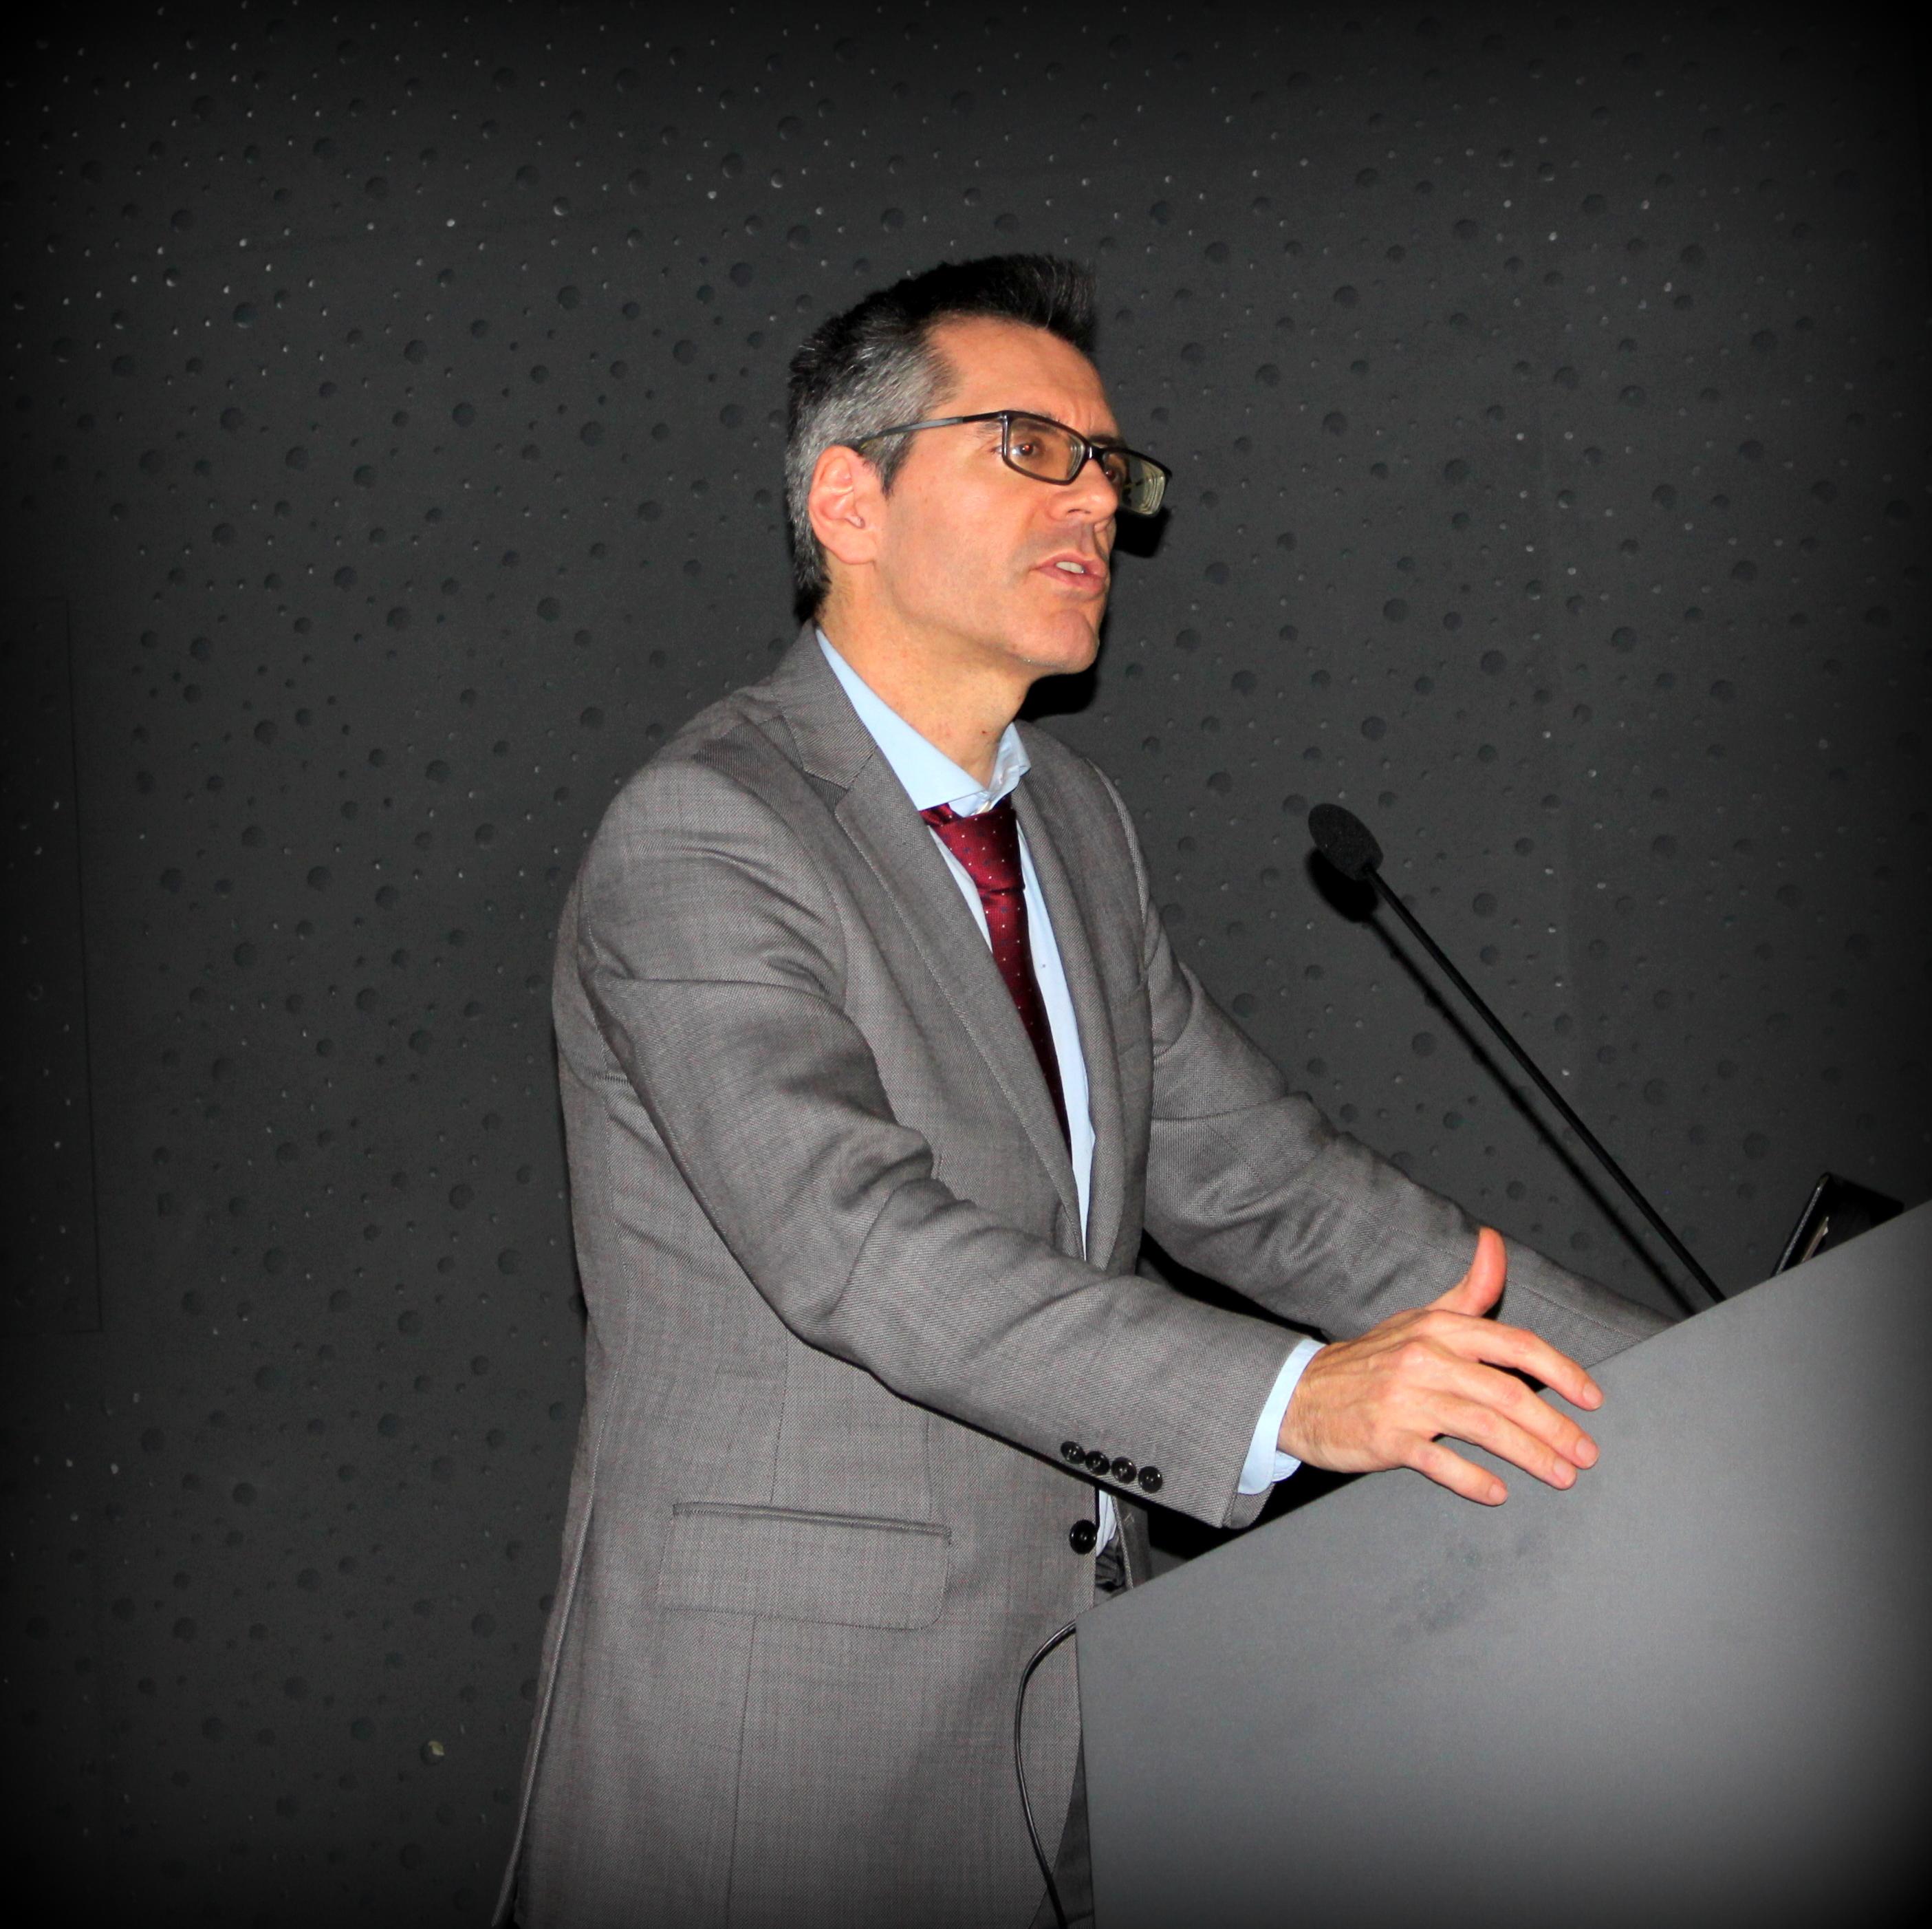 Presidente do Conselho de Administração da SPMs, EPE, Henrique Martins